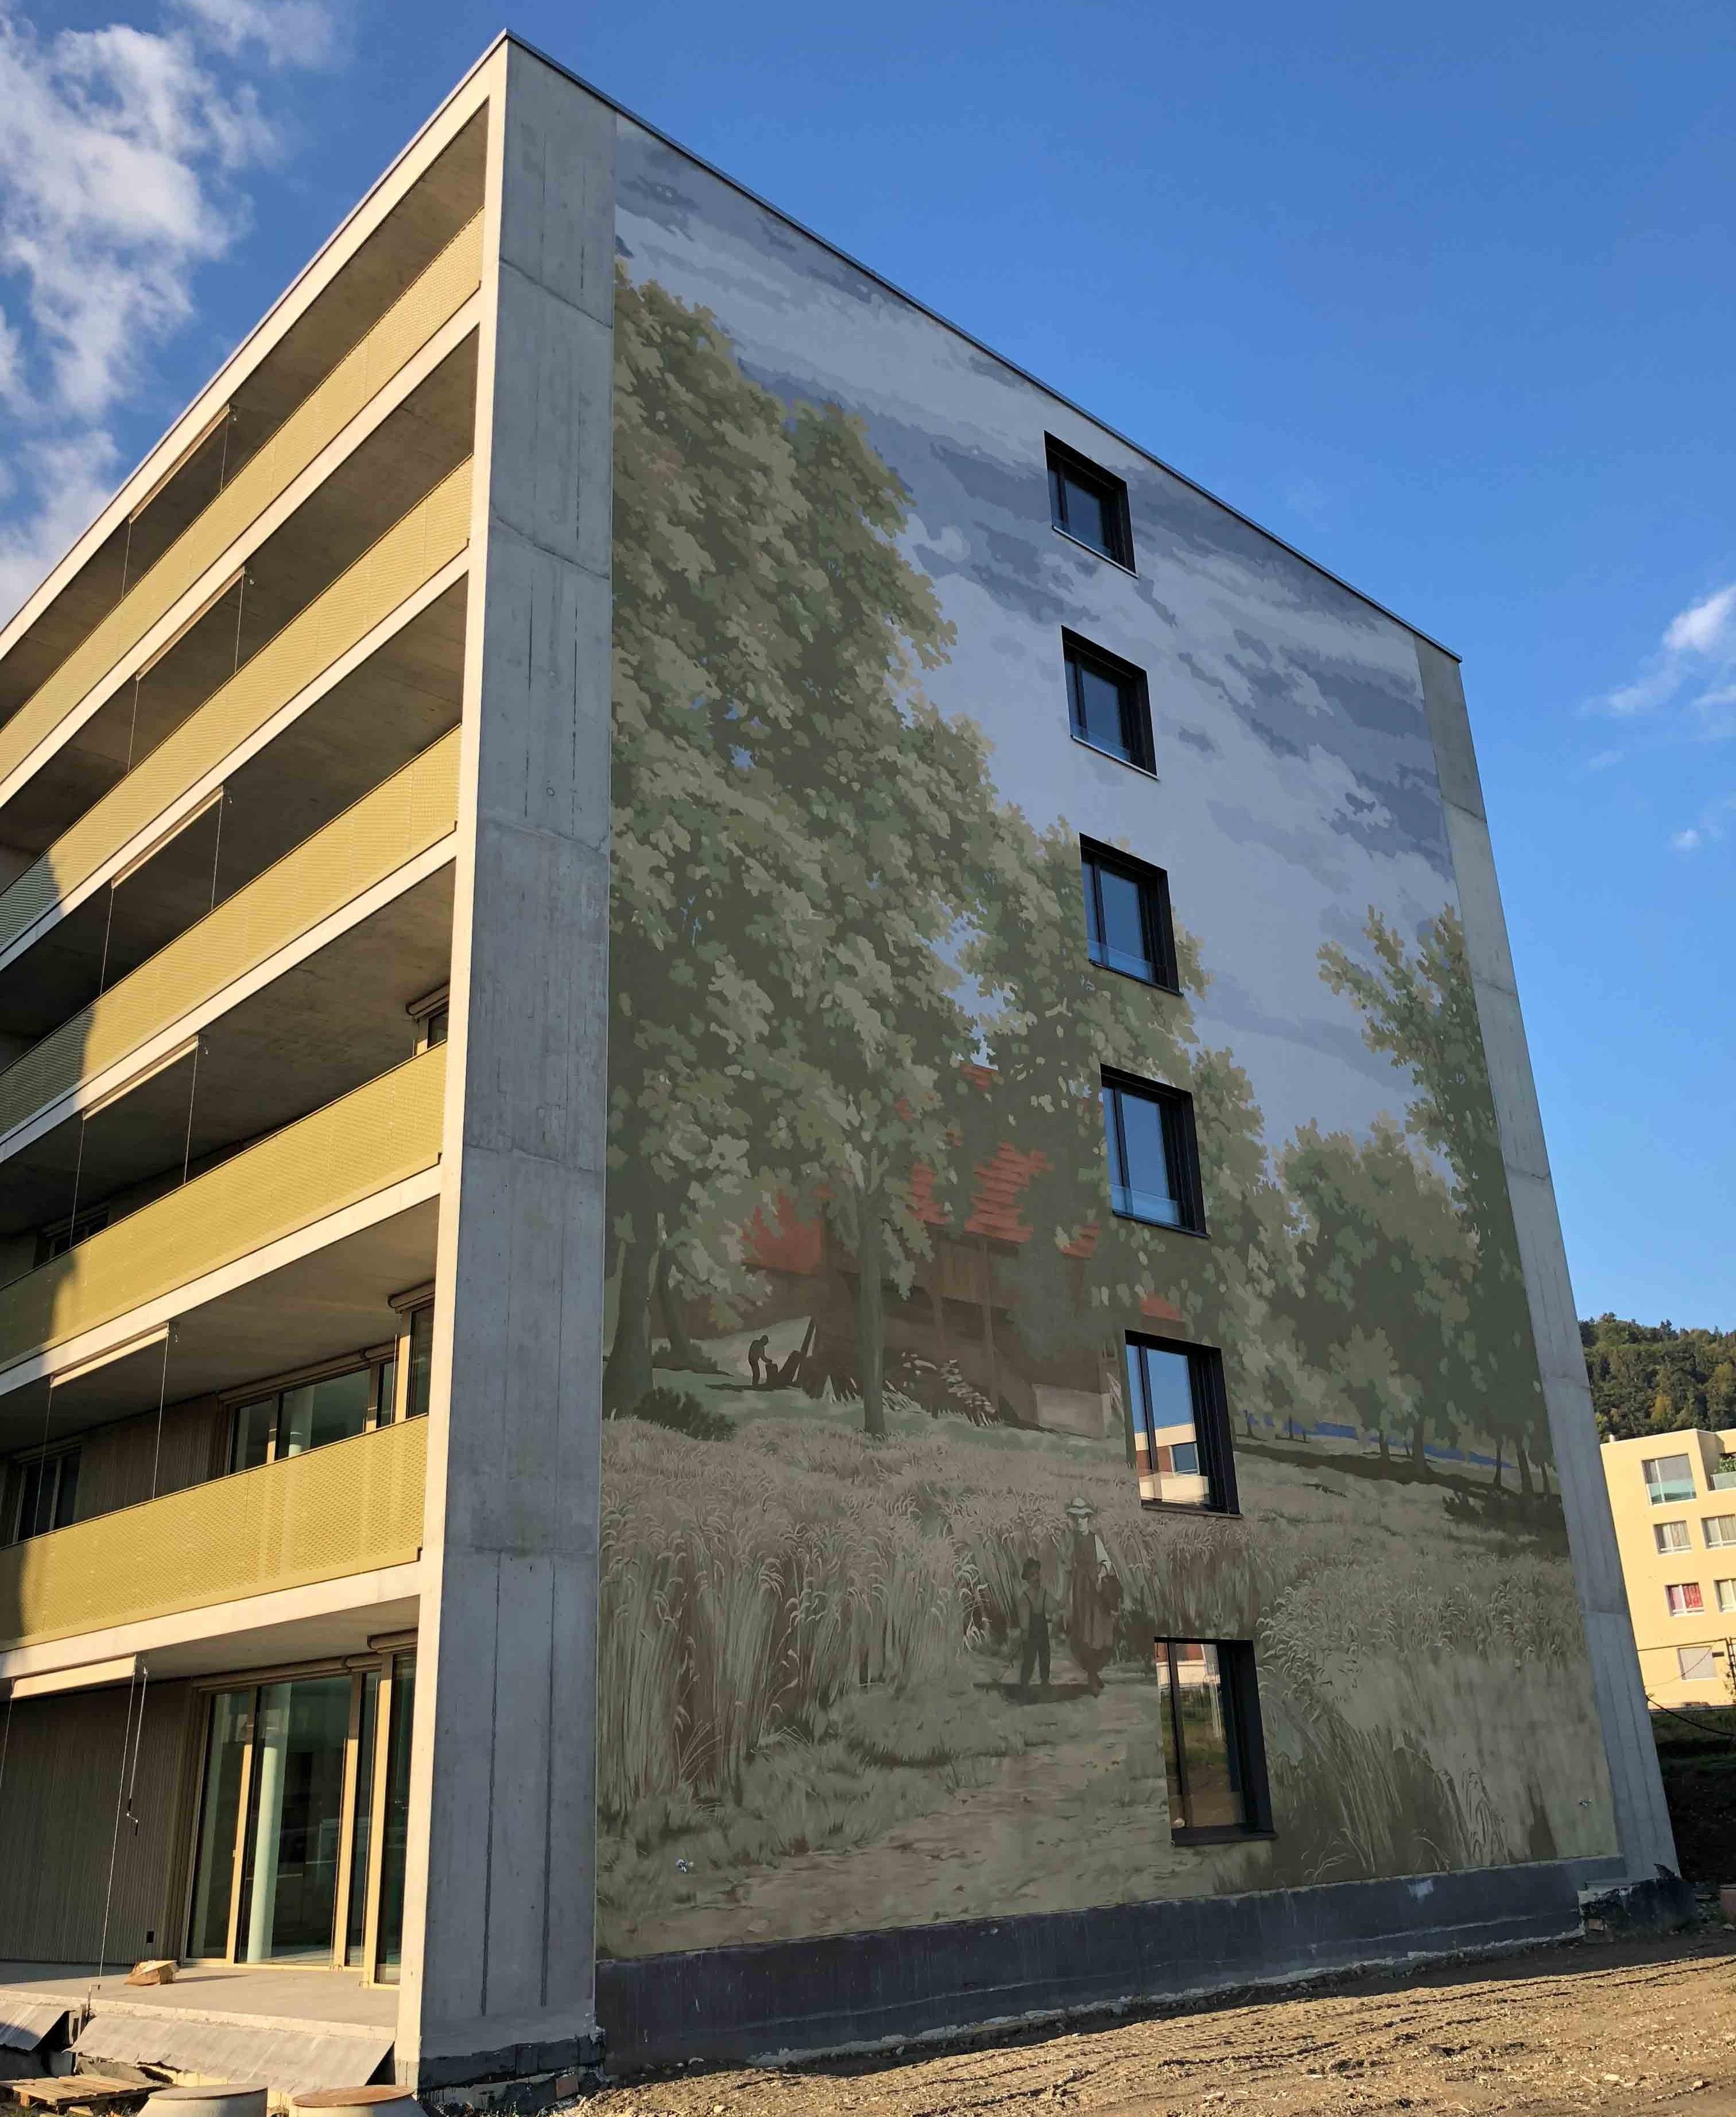 Wandbild auf Schweighofareal in Kriens